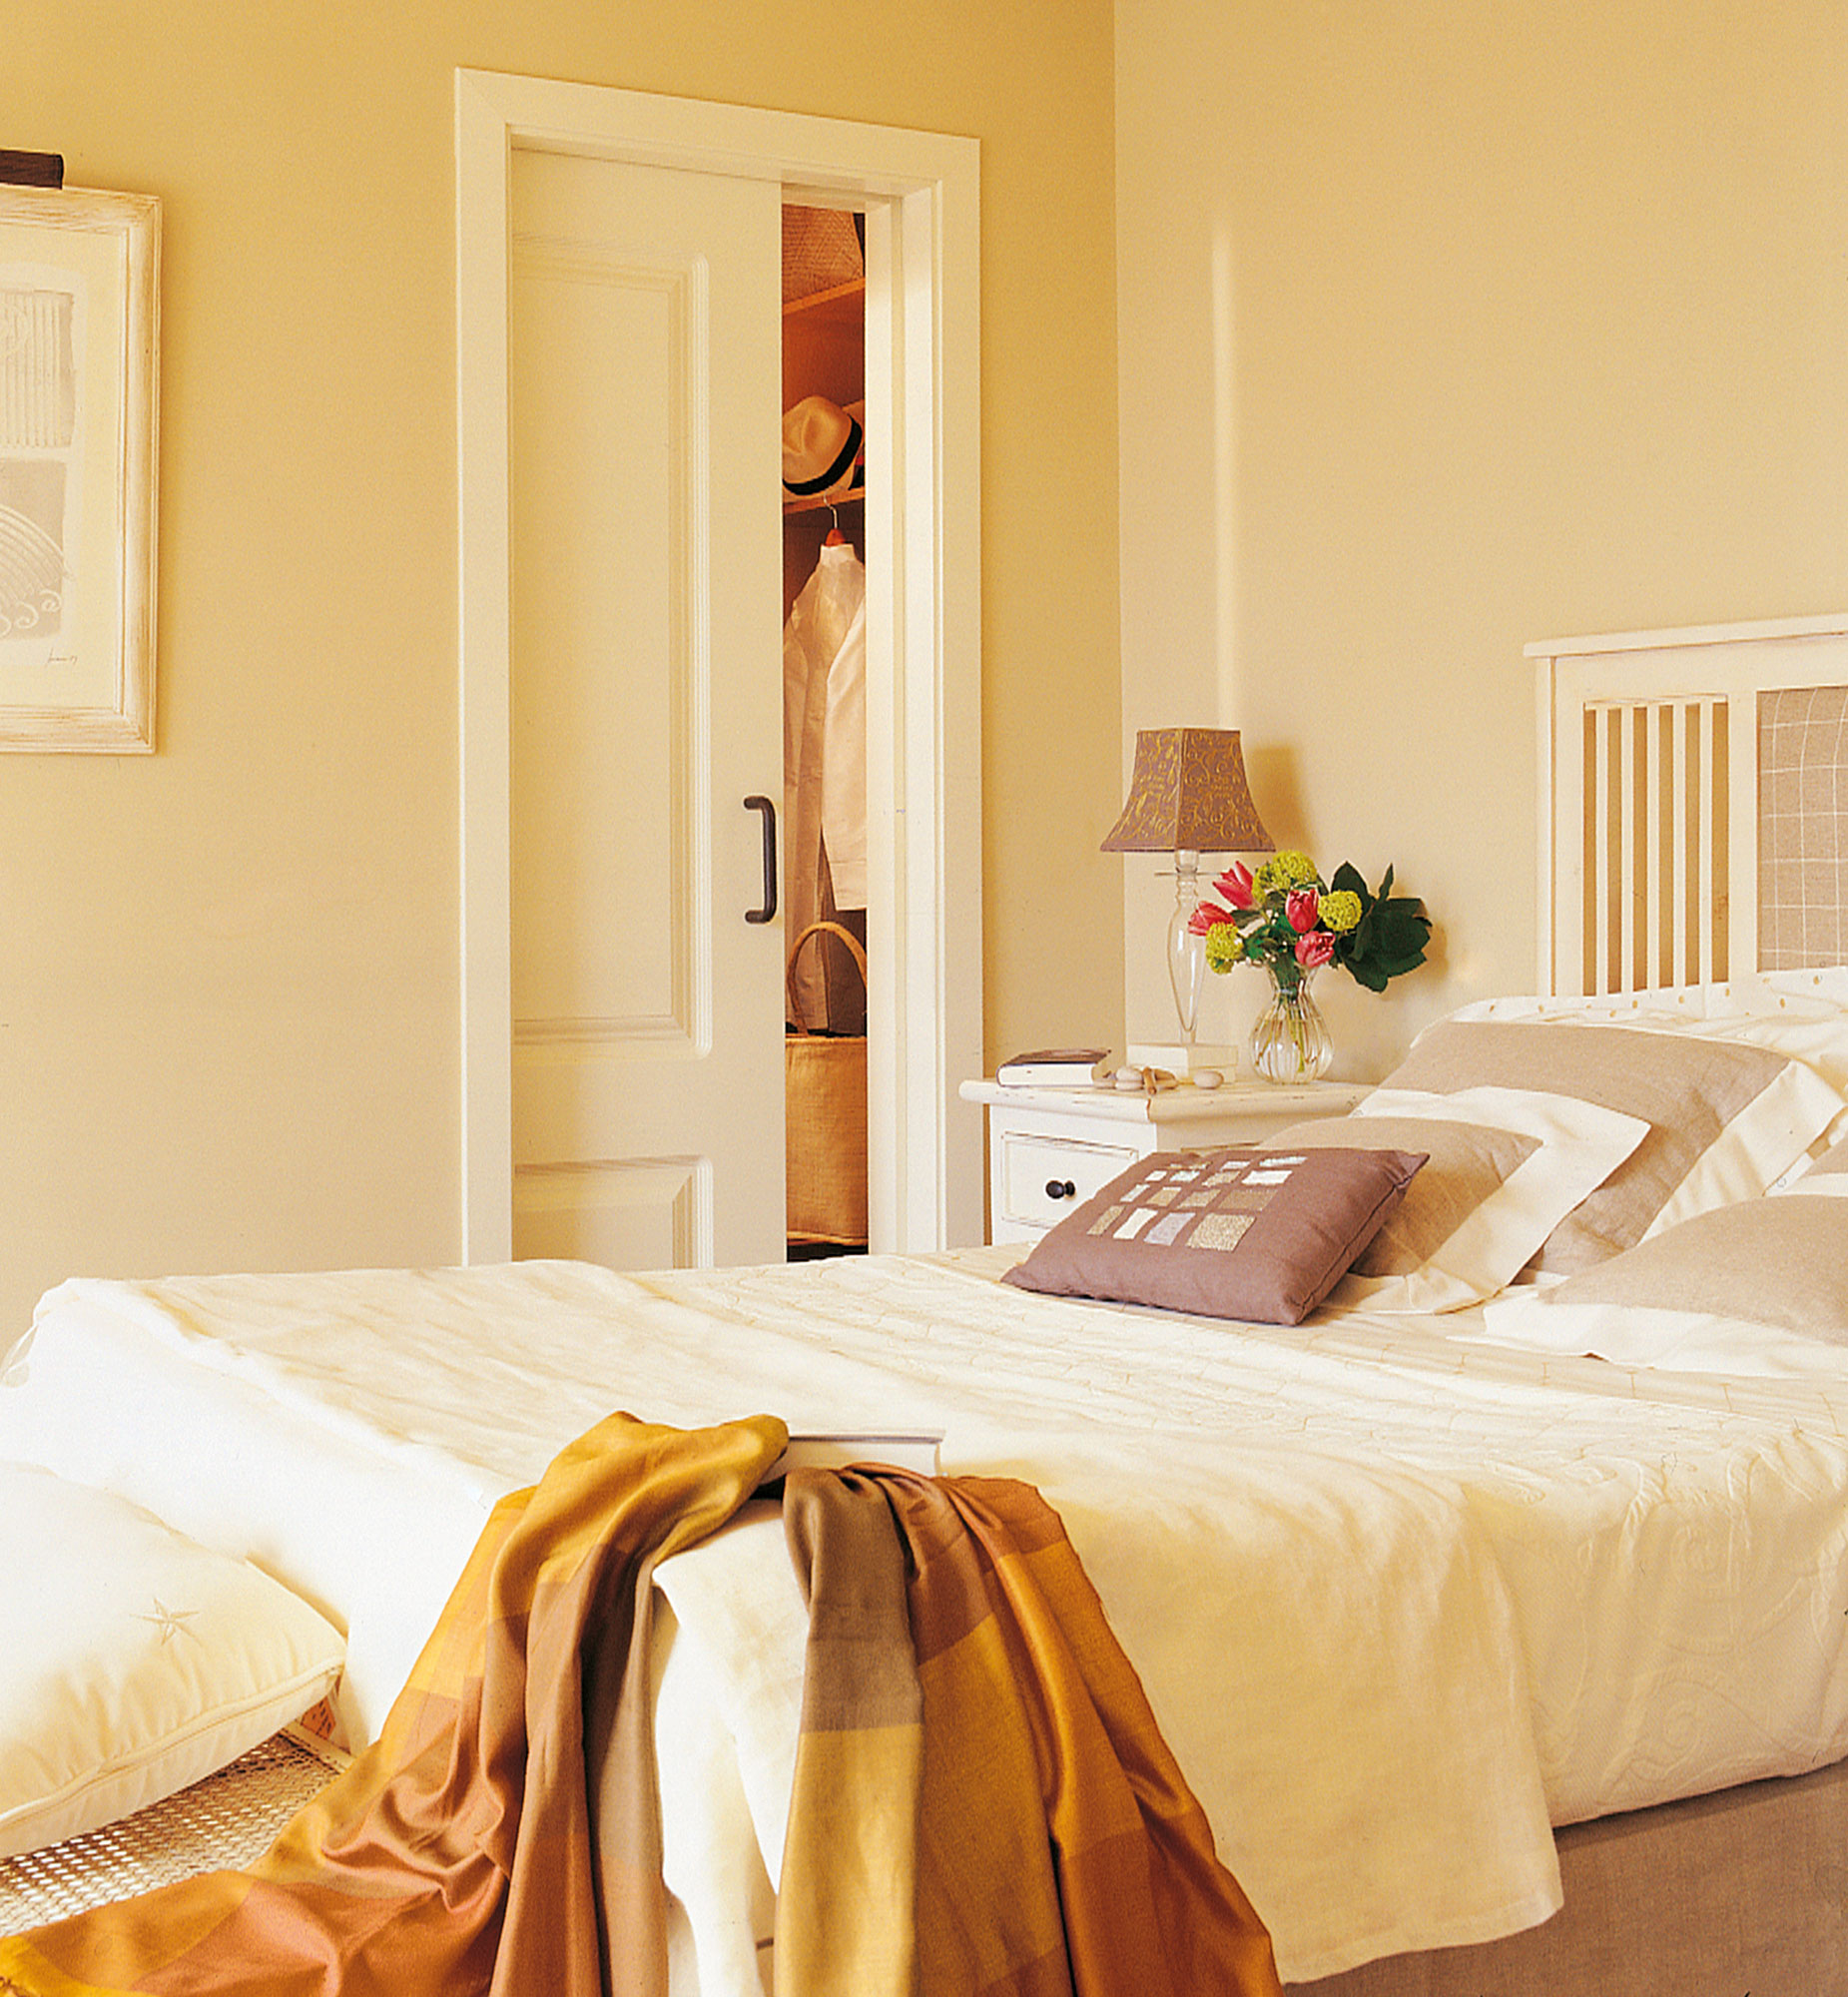 Instala una puerta corredera en casa y gana 1 5 m2 reales for Construir puerta corredera